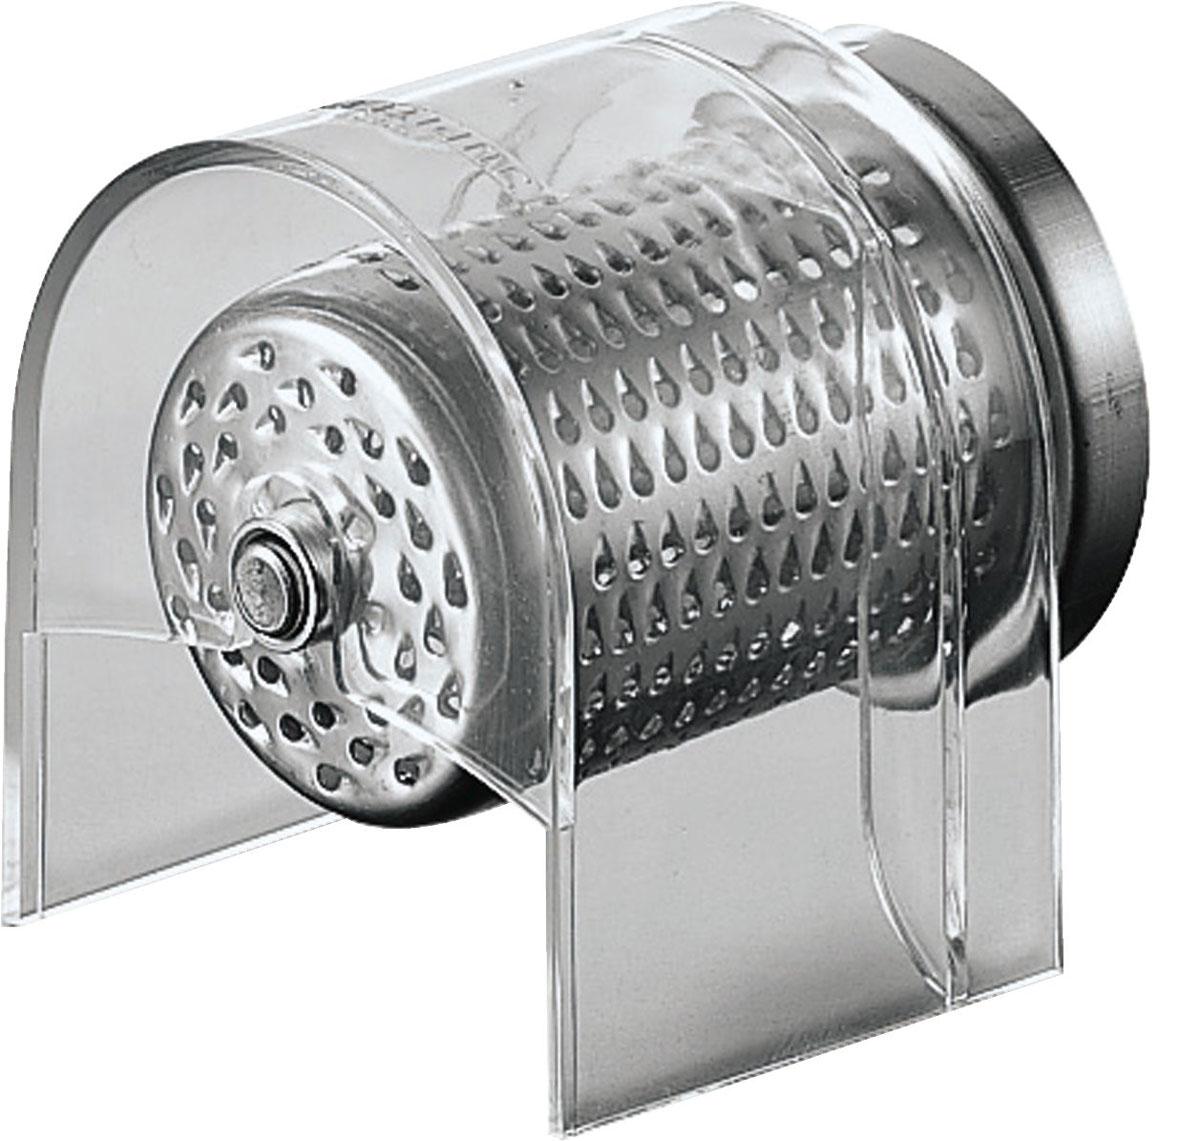 Bosch MUZ45RV1 диск-терка для кухонных комбайнов, Bosch GmbH